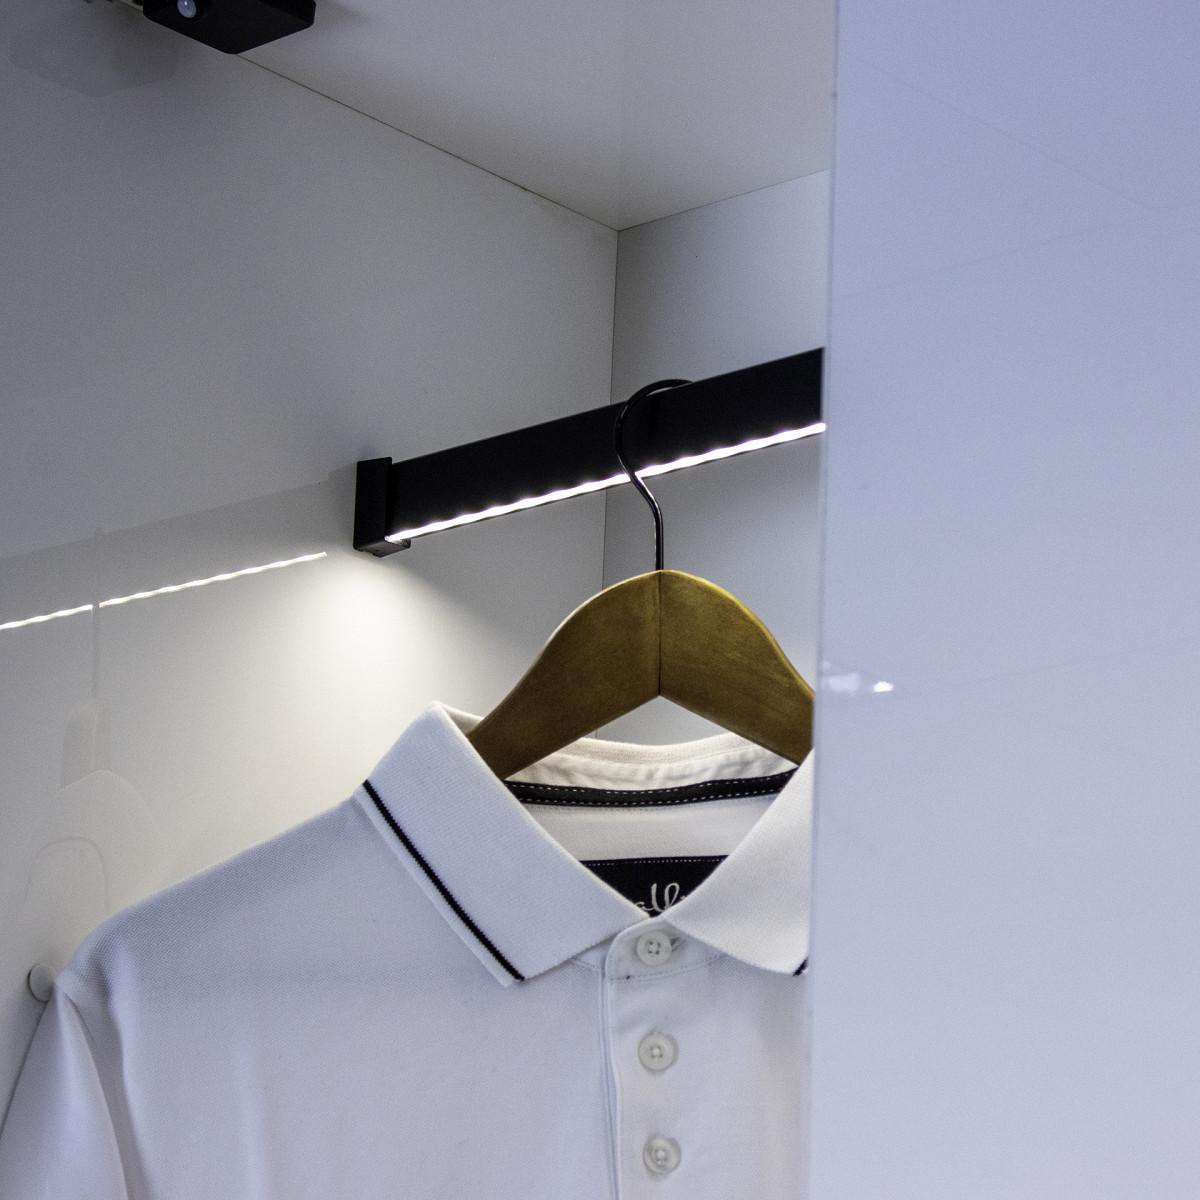 RELING SLIM prostokątny drążek do szaf i garderób w 2 kolorach aluminium i czarny z taśmą LED na wymiar (4).jpg